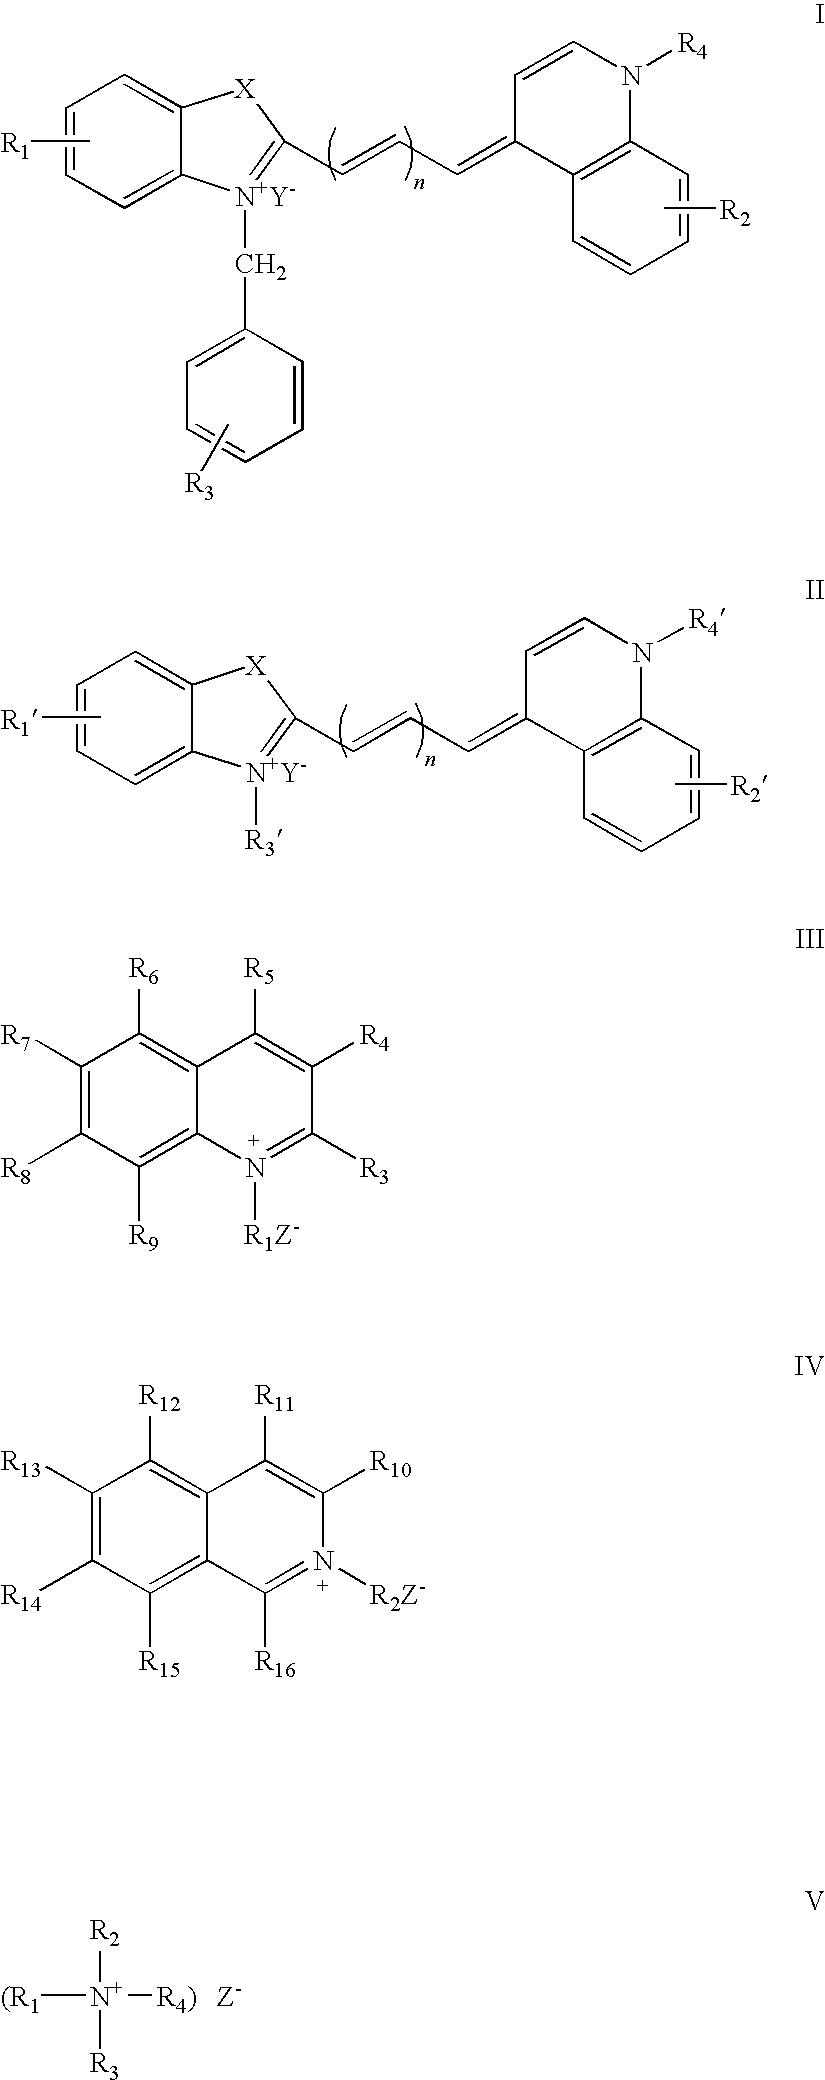 Figure US20100151509A1-20100617-C00001